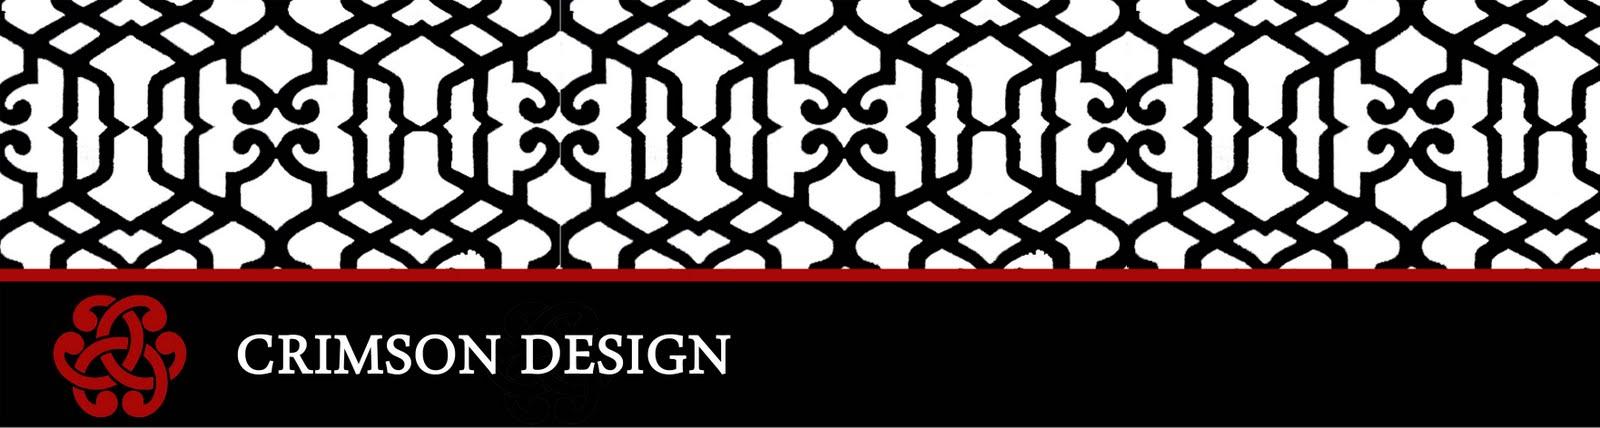 Crimson Design